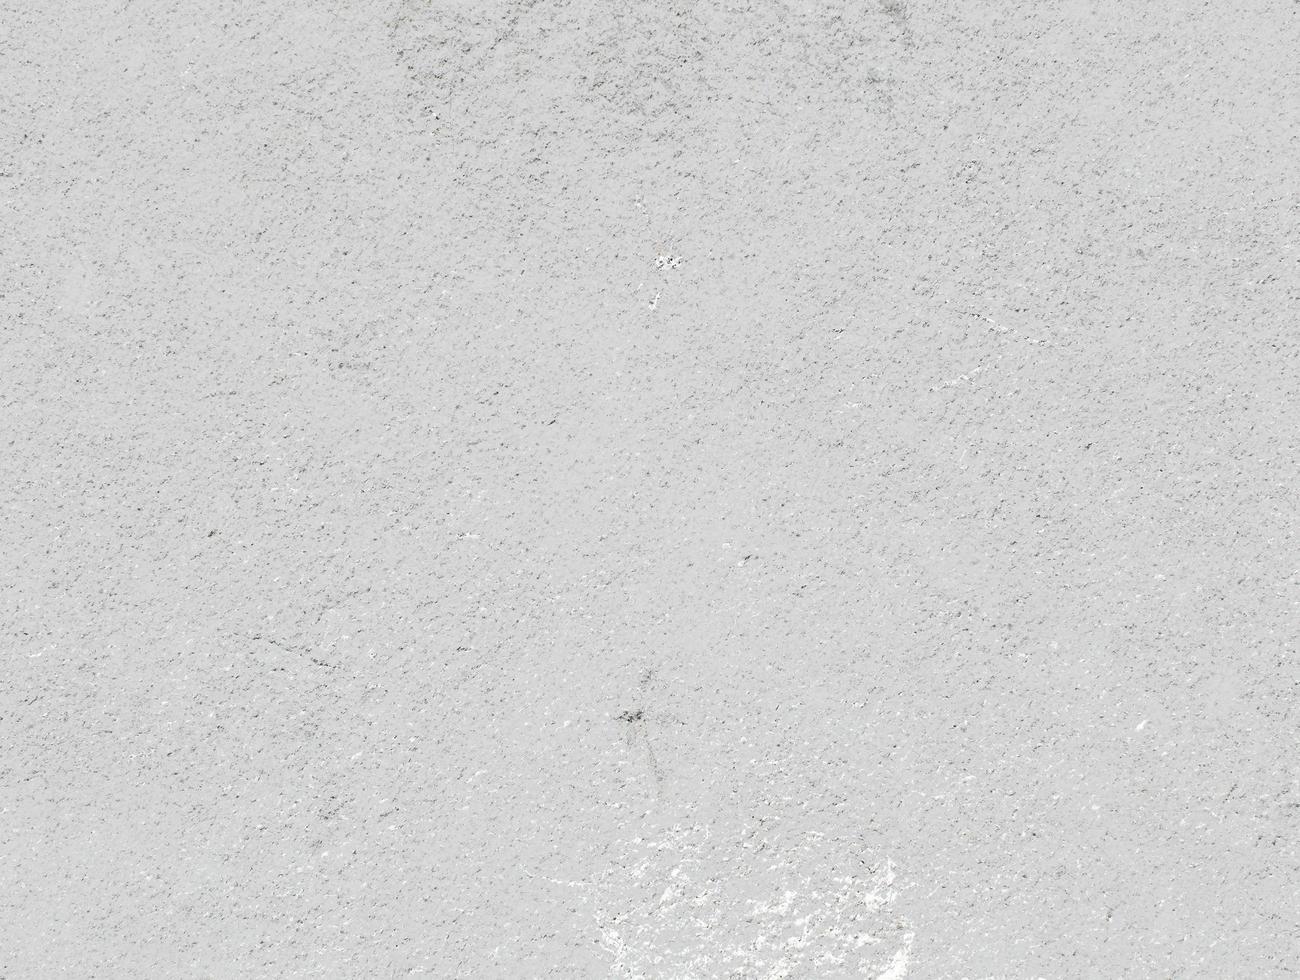 texture de mur en béton neutre photo